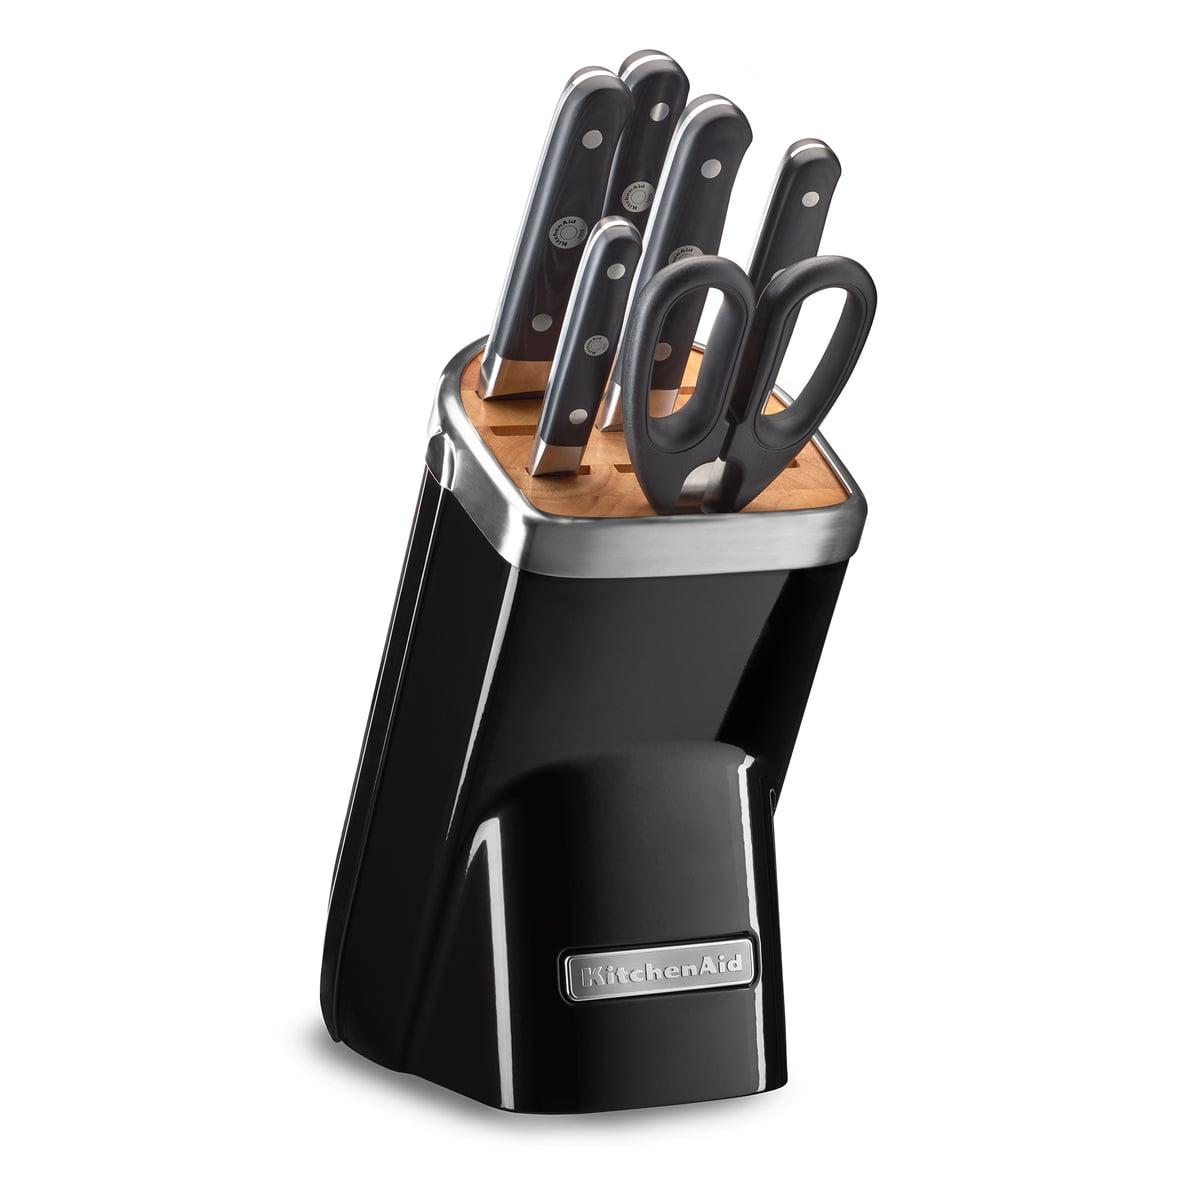 Kitchen Aid KitchenAid - Messerblock mit Messer-Set, schwarz (7 tlg.) | Küche und Esszimmer > Küchen-Zubehör > Halter und Haken | Schwarz | Kitchen Aid